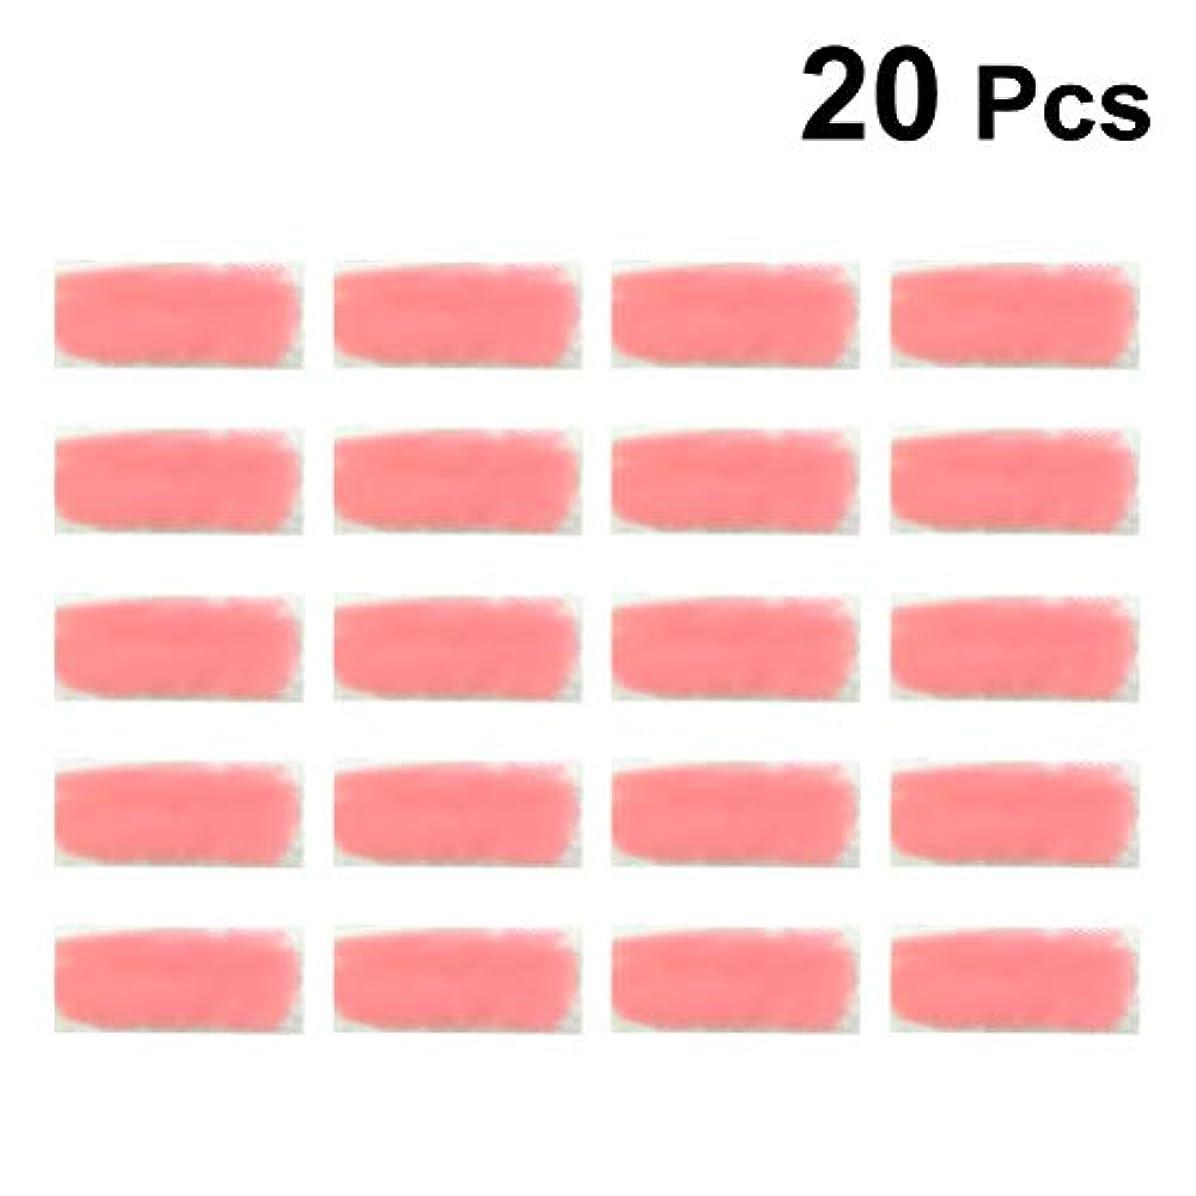 湿度ハムローストHealifty 夏の冷却ジェルパッチ温度変化熱射病防止冷却額ストリップ眠気さわやかさを和らげる日焼けパッド20個(ピンク)